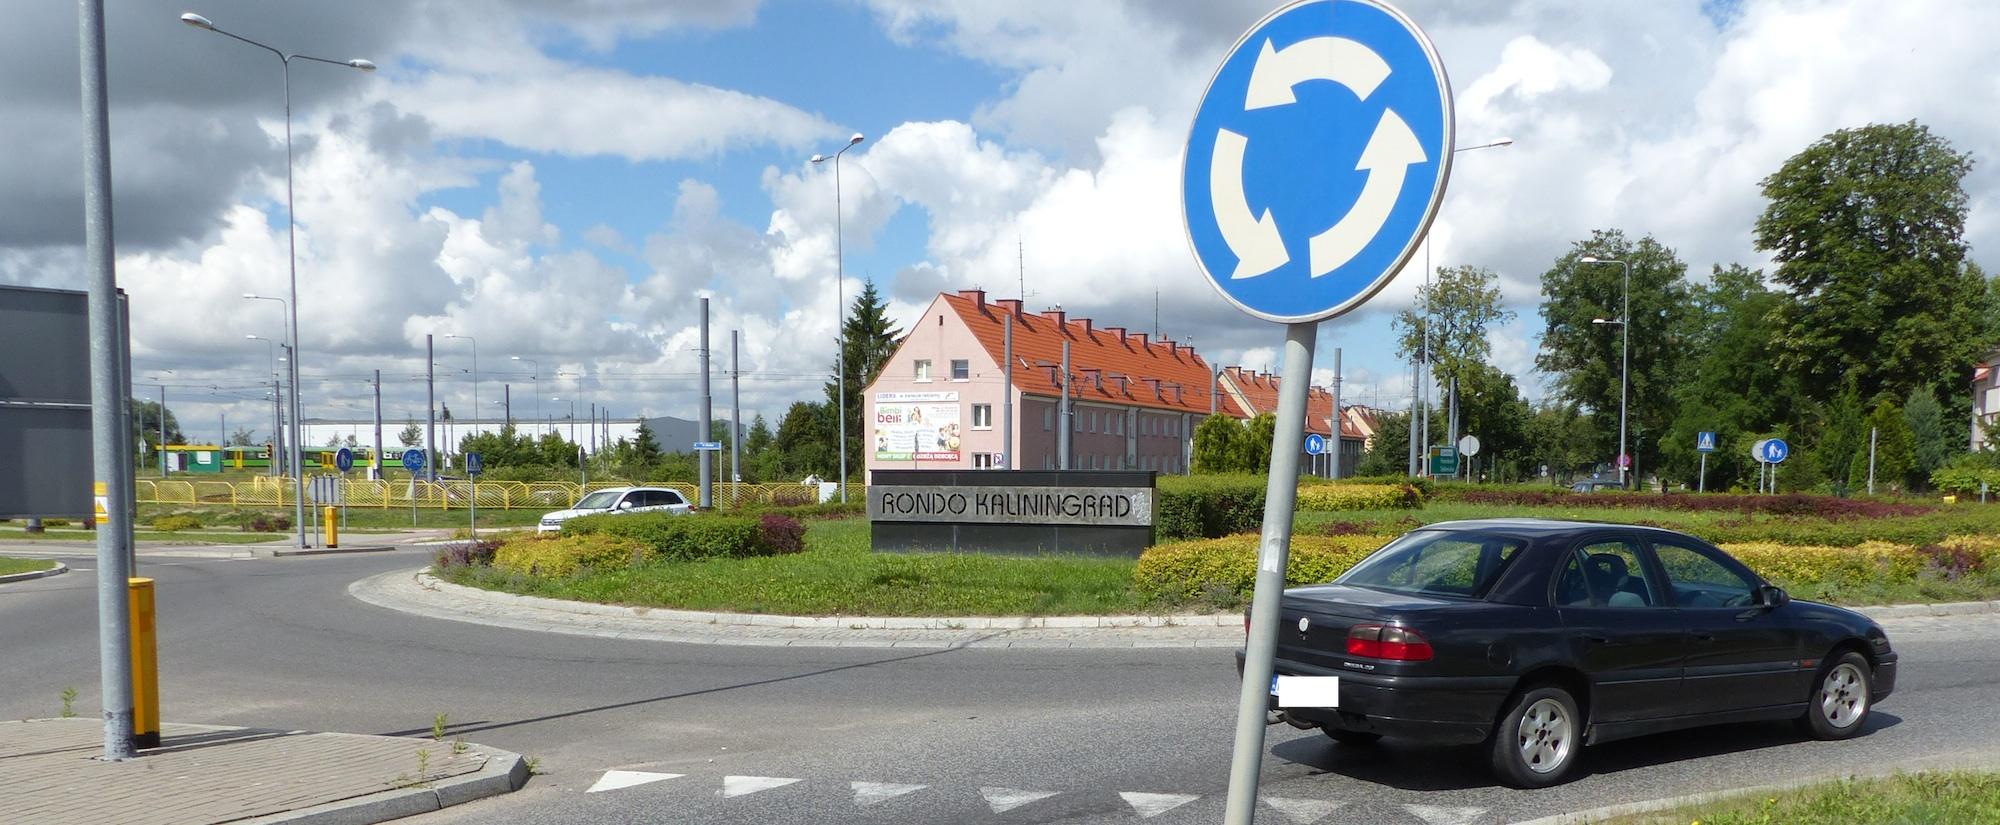 20160720_08-37-Кольцевая развязка в польском Эльблонге под названием Rondo Kaliningrad